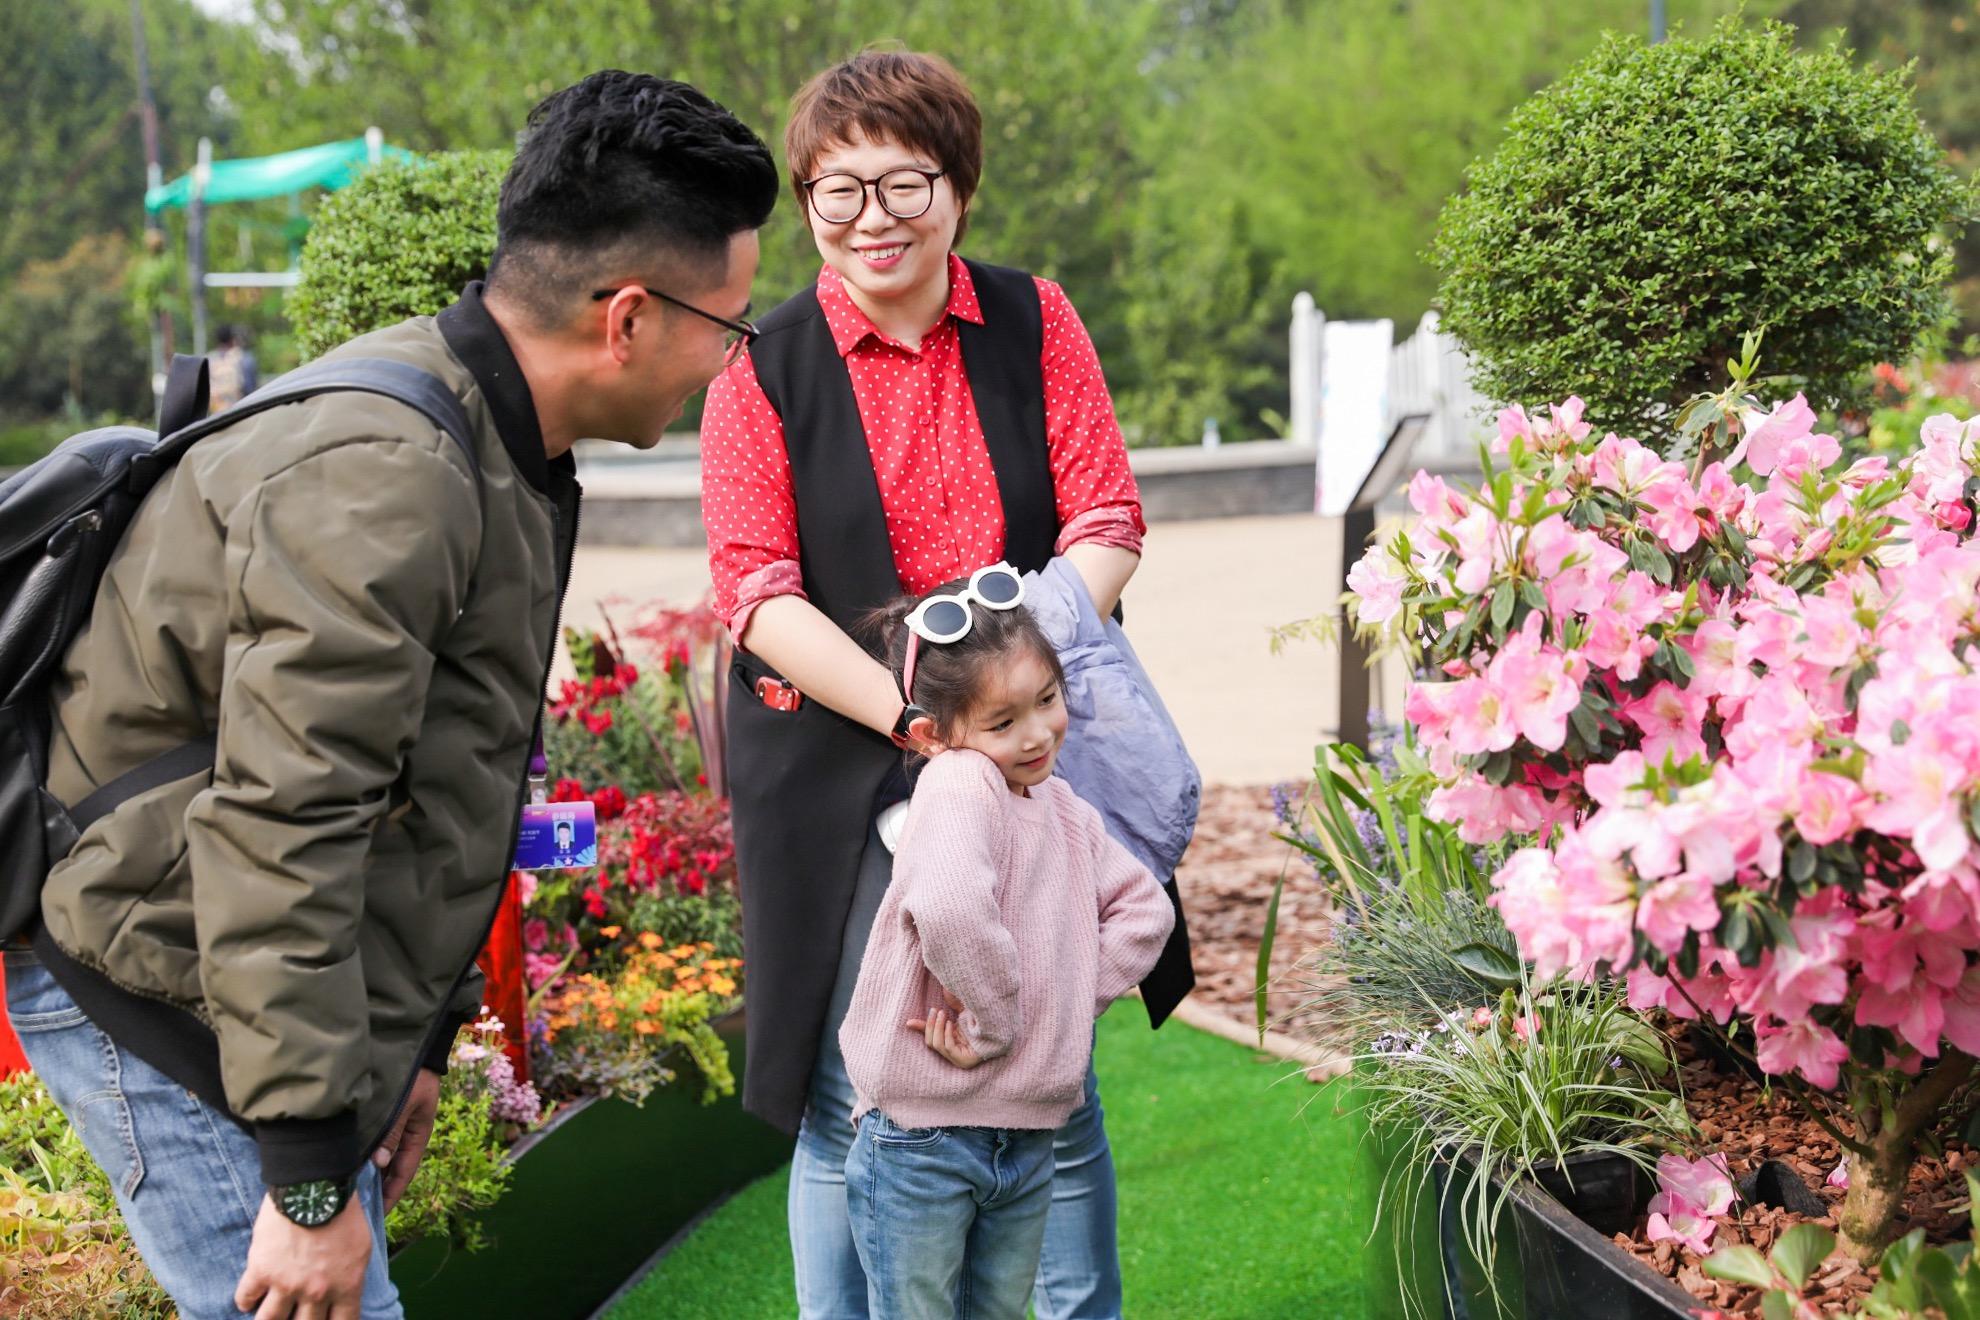 设计师俞啸锋向听障儿童家长介绍声音花园